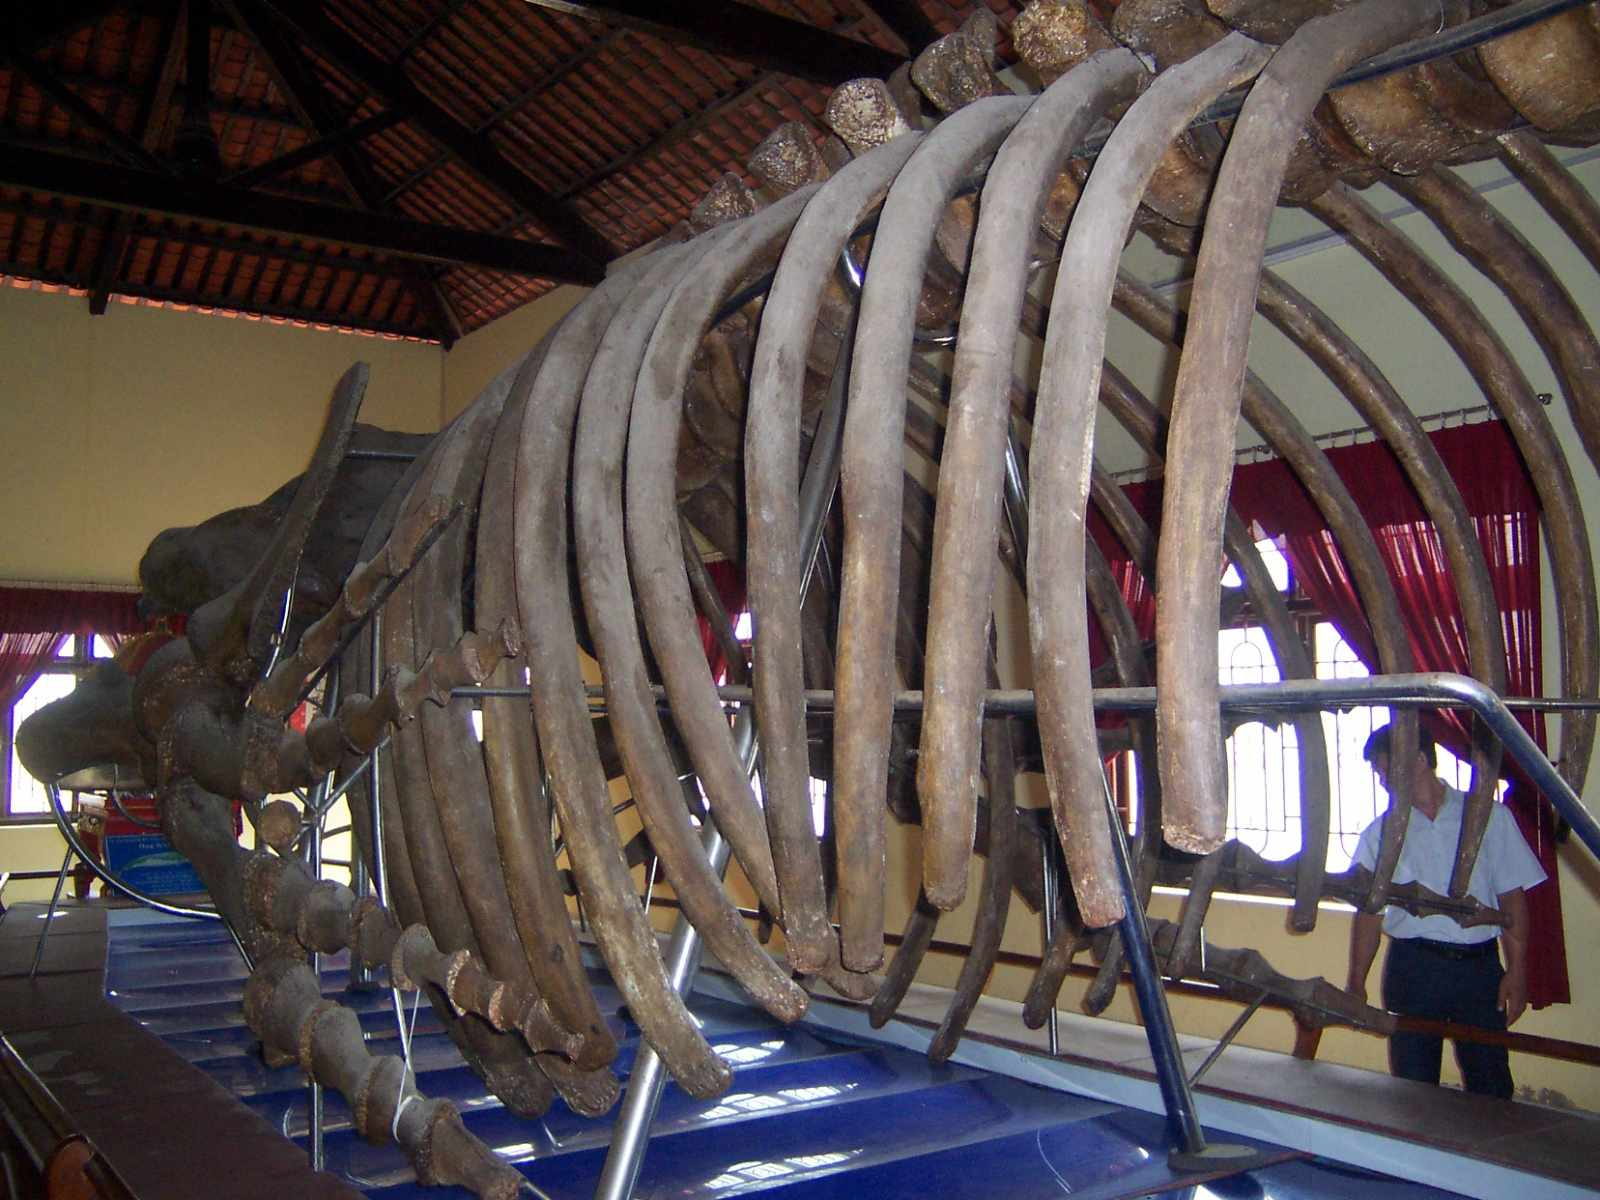 Tour Phan Thiết - Chiêm ngưỡng bộ xương cá voi lớn nhất Đông Nam Á